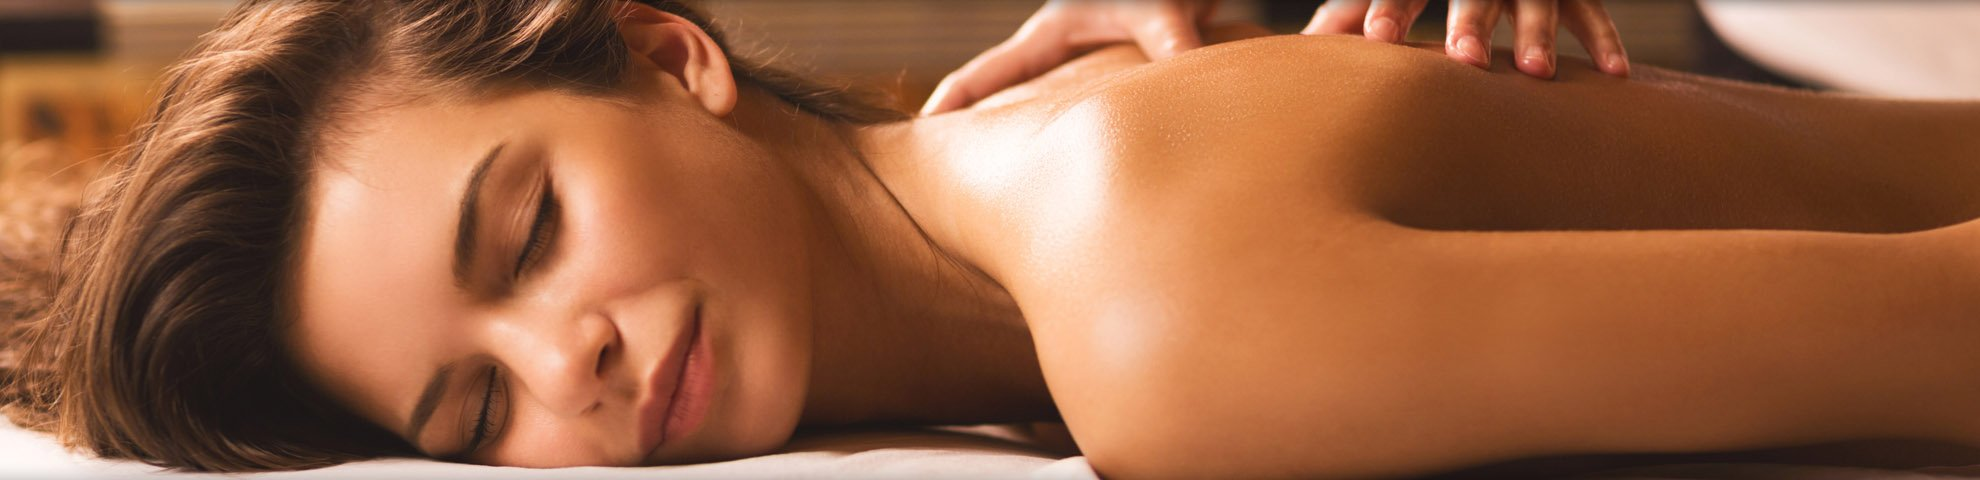 una donna sdraiata a pancia in giù e due mani che le massaggiano la schiena